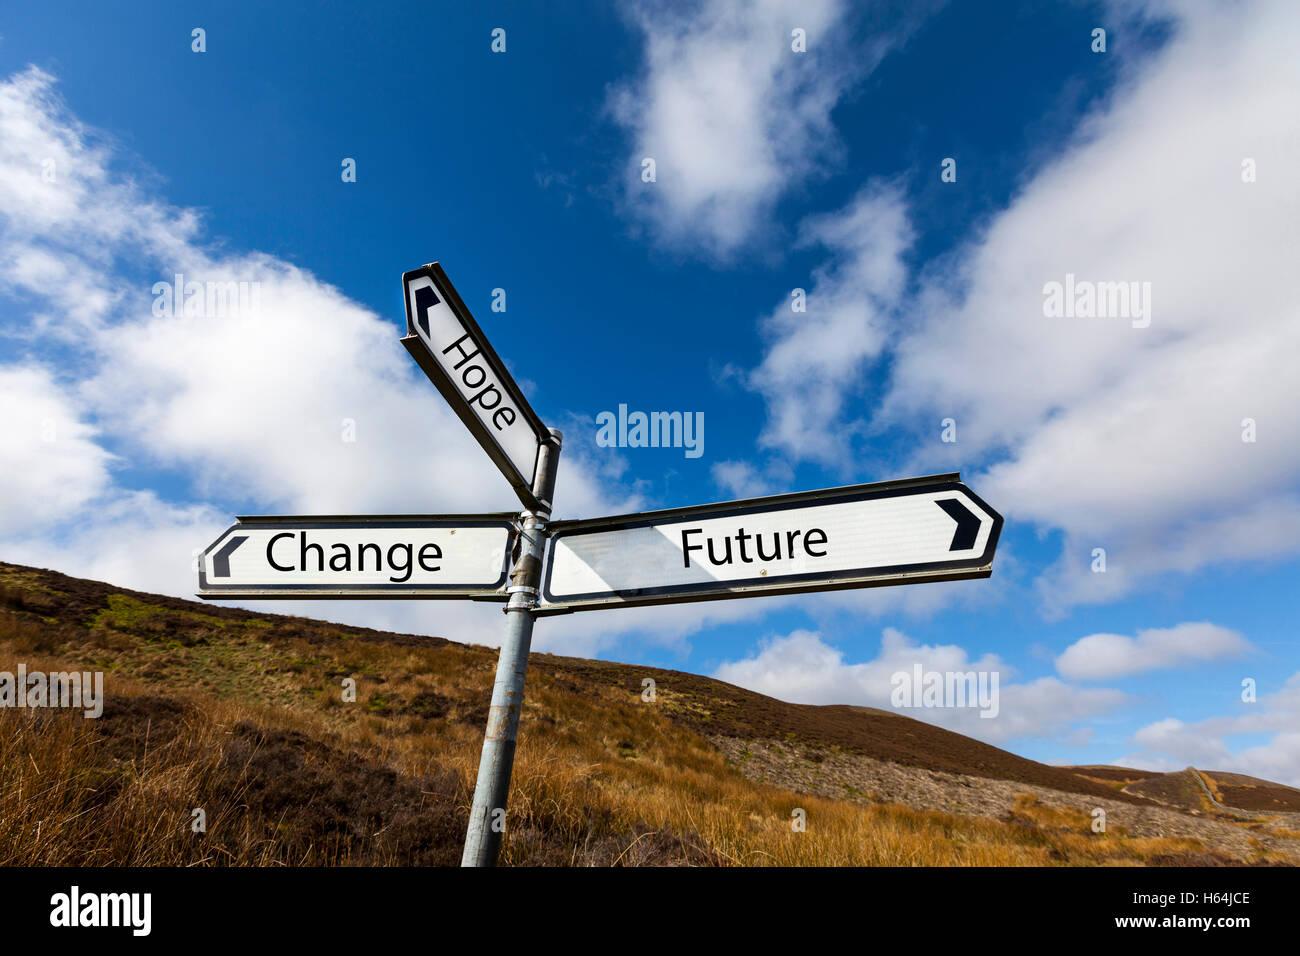 Cambio futuro esperanza concepto futuro firmar tener esperanza de querer cambiar el futuro perspectivas GB UK Inglaterra Imagen De Stock